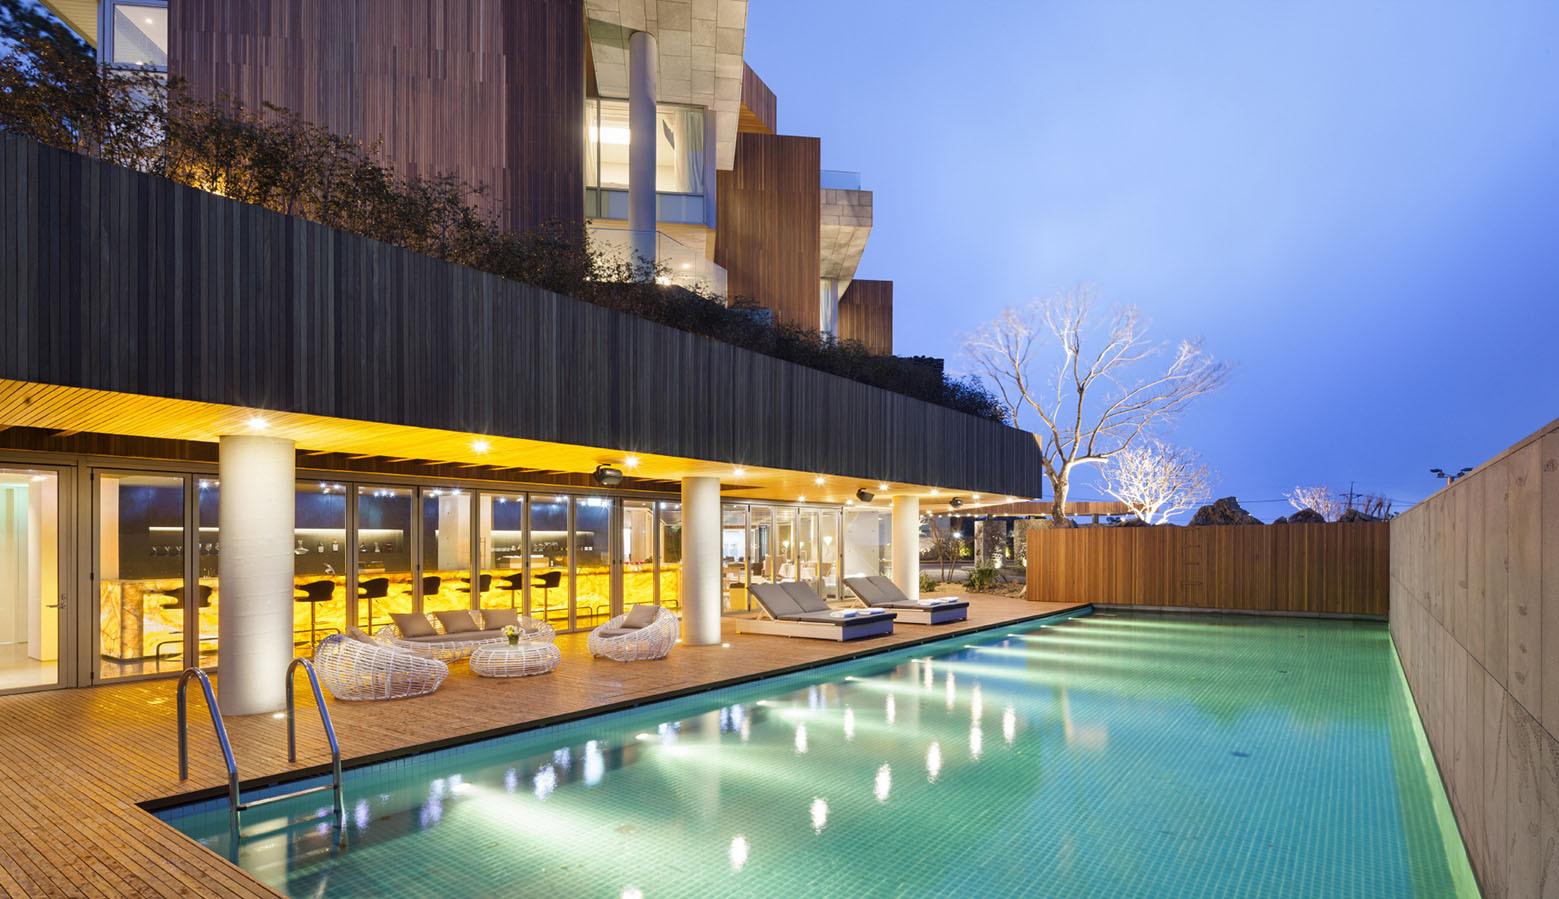 Jeju Bayhill Pool & Villa / Kim Dong-jin + L'eau Design (12)